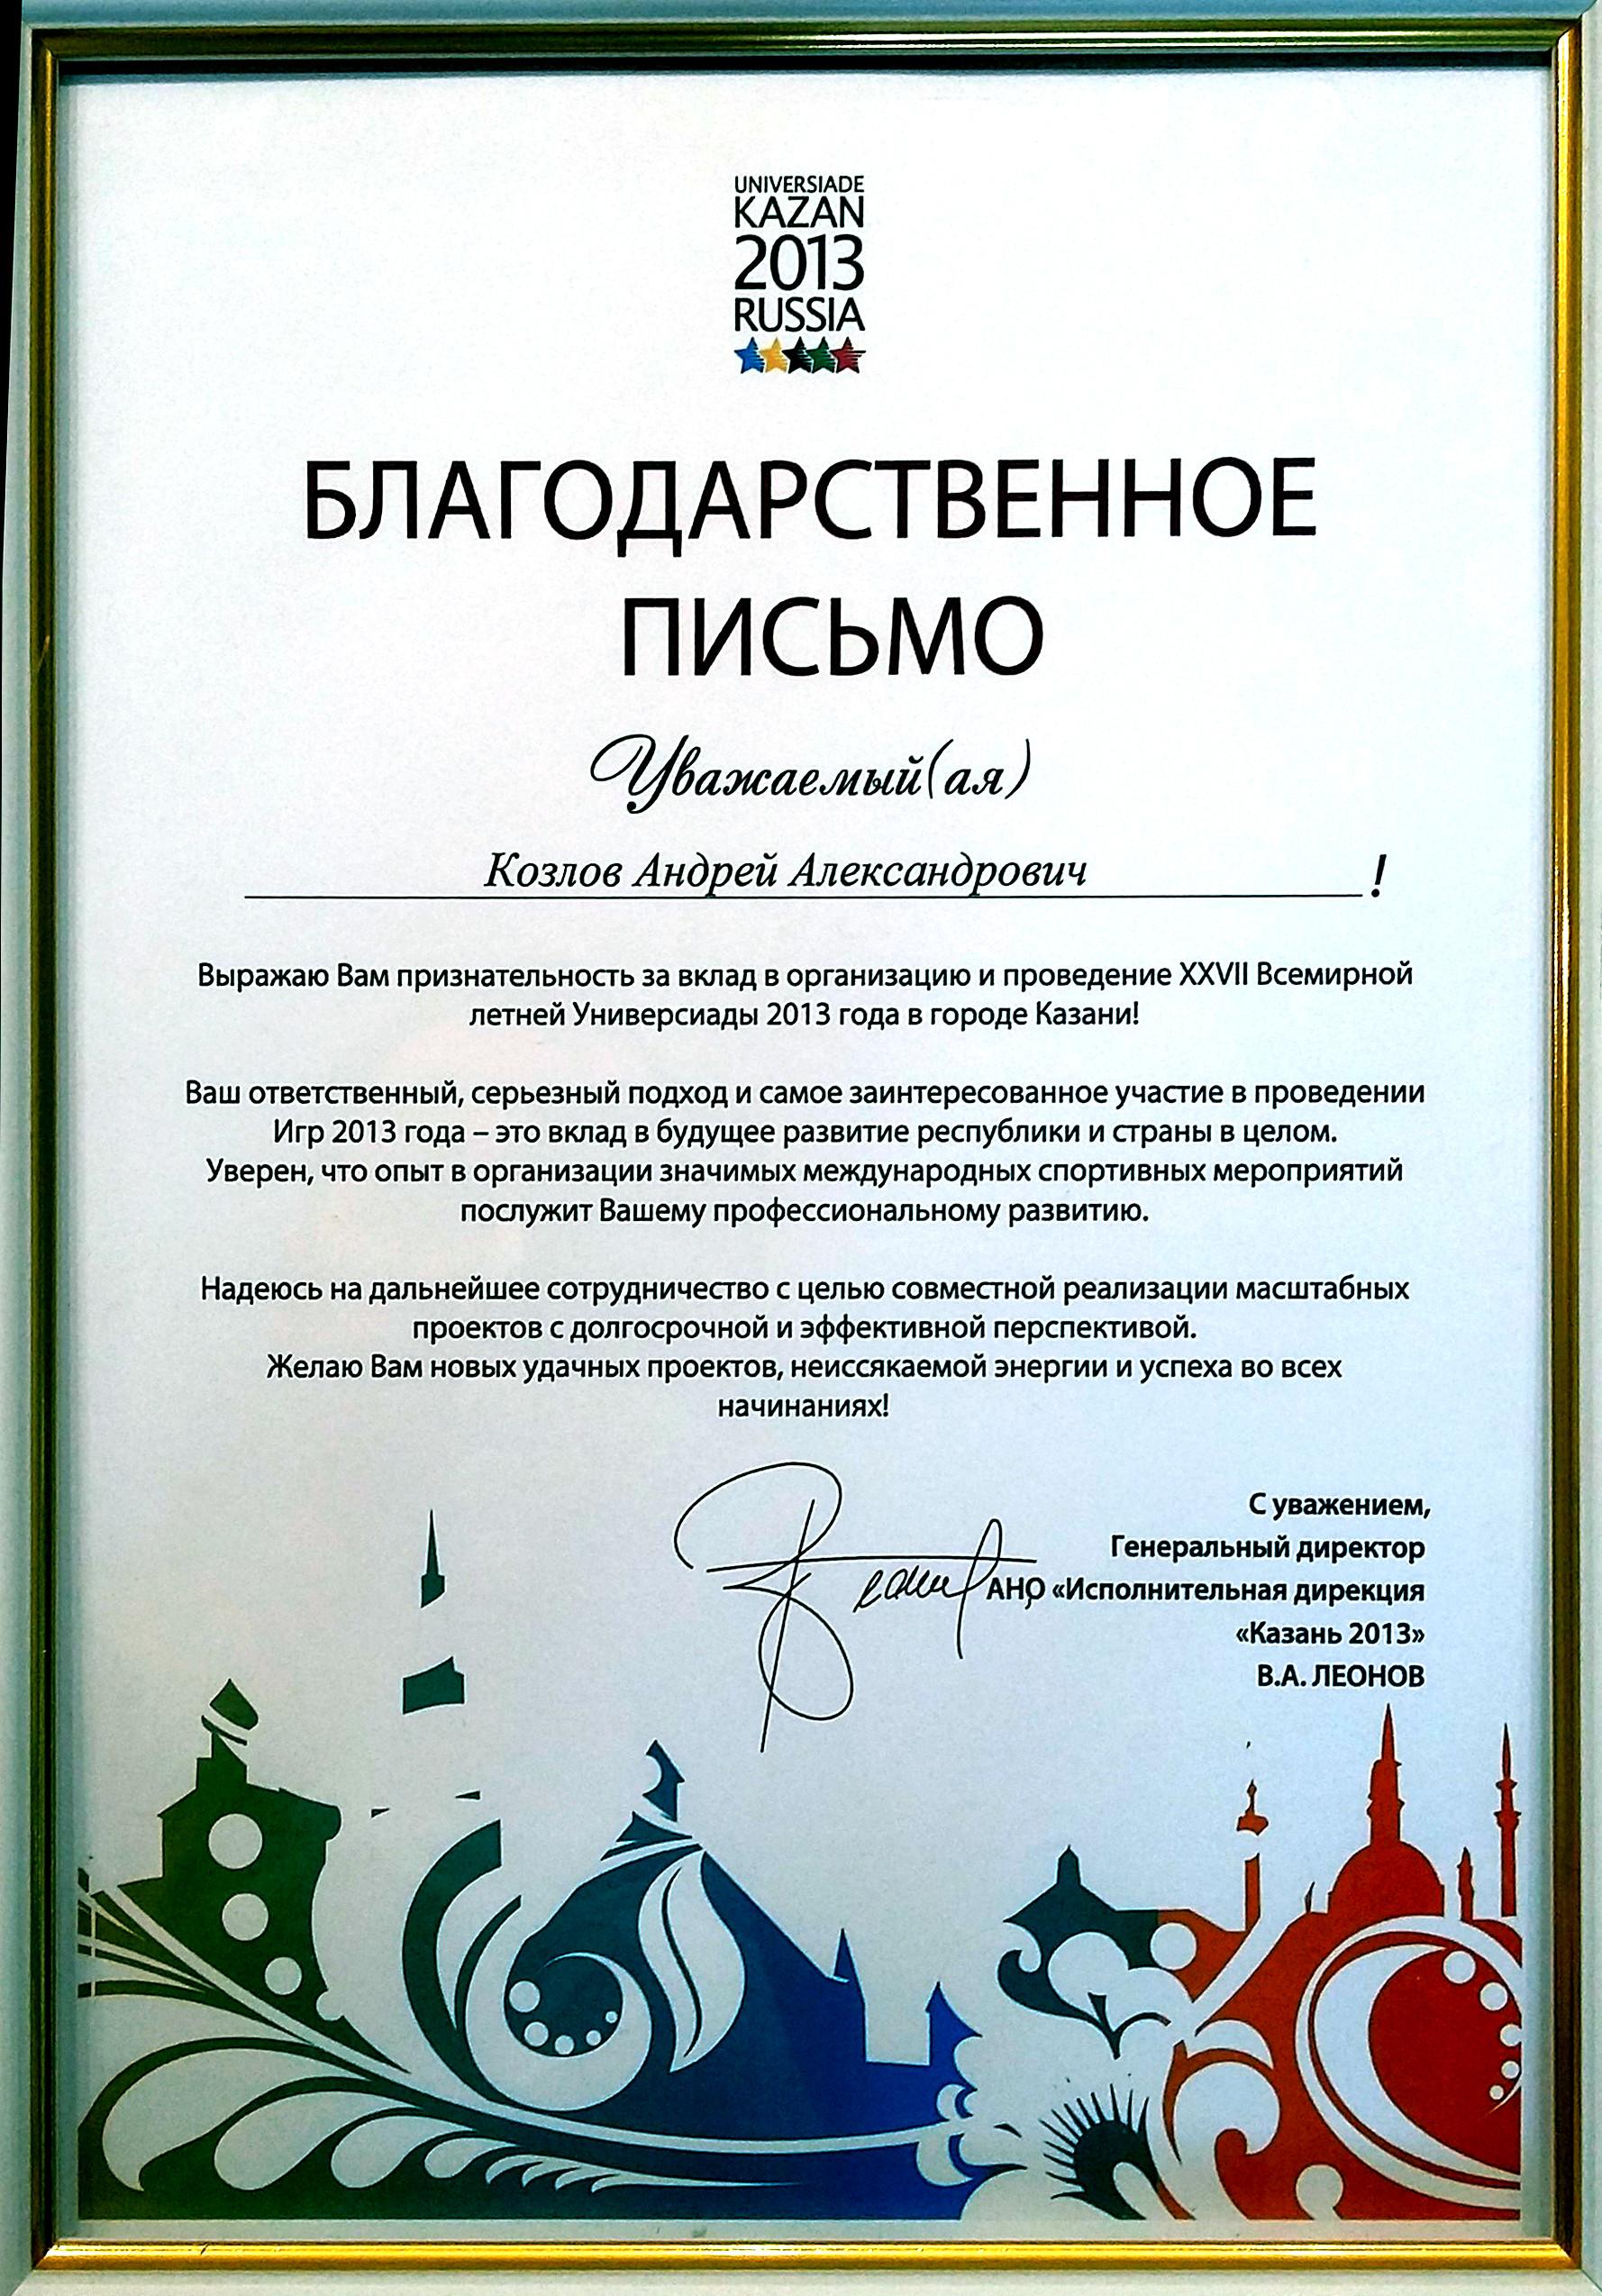 XXVII Всемирная летняя Универсиада 2013 в Казани